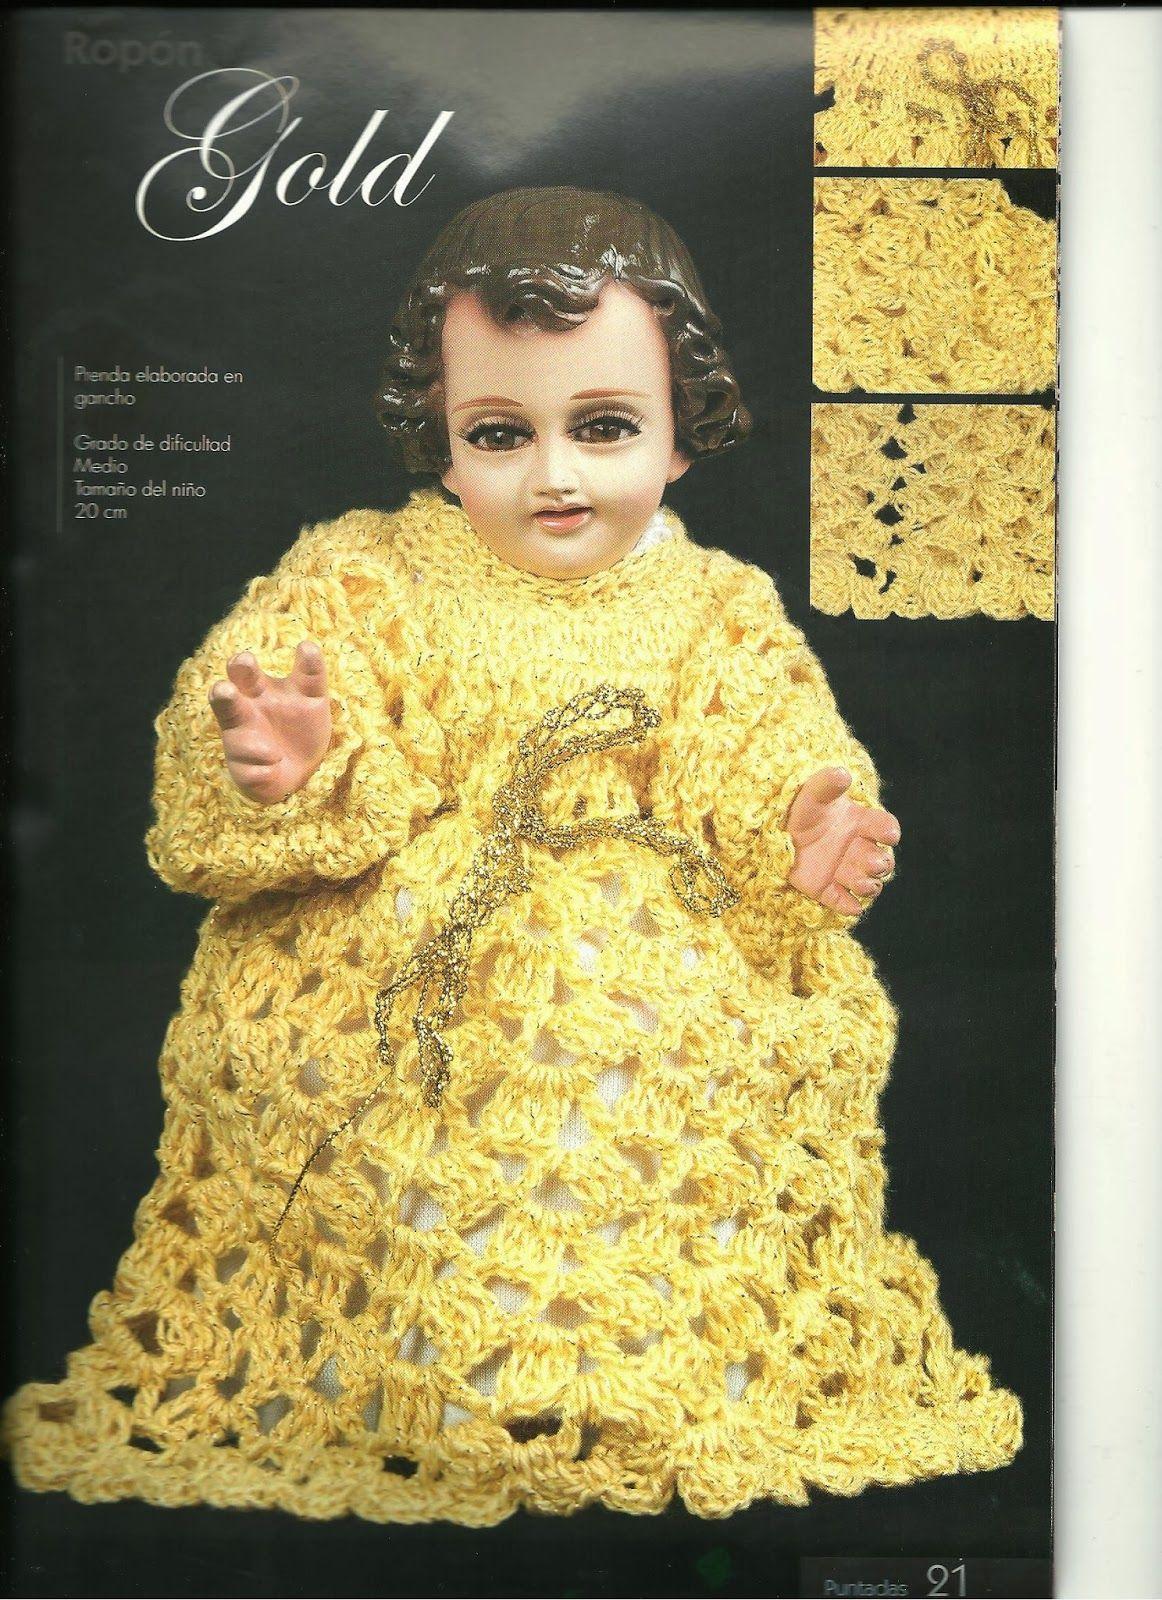 teje vestido de niño dios a gancho esquemas y patrones | niño Dios ...